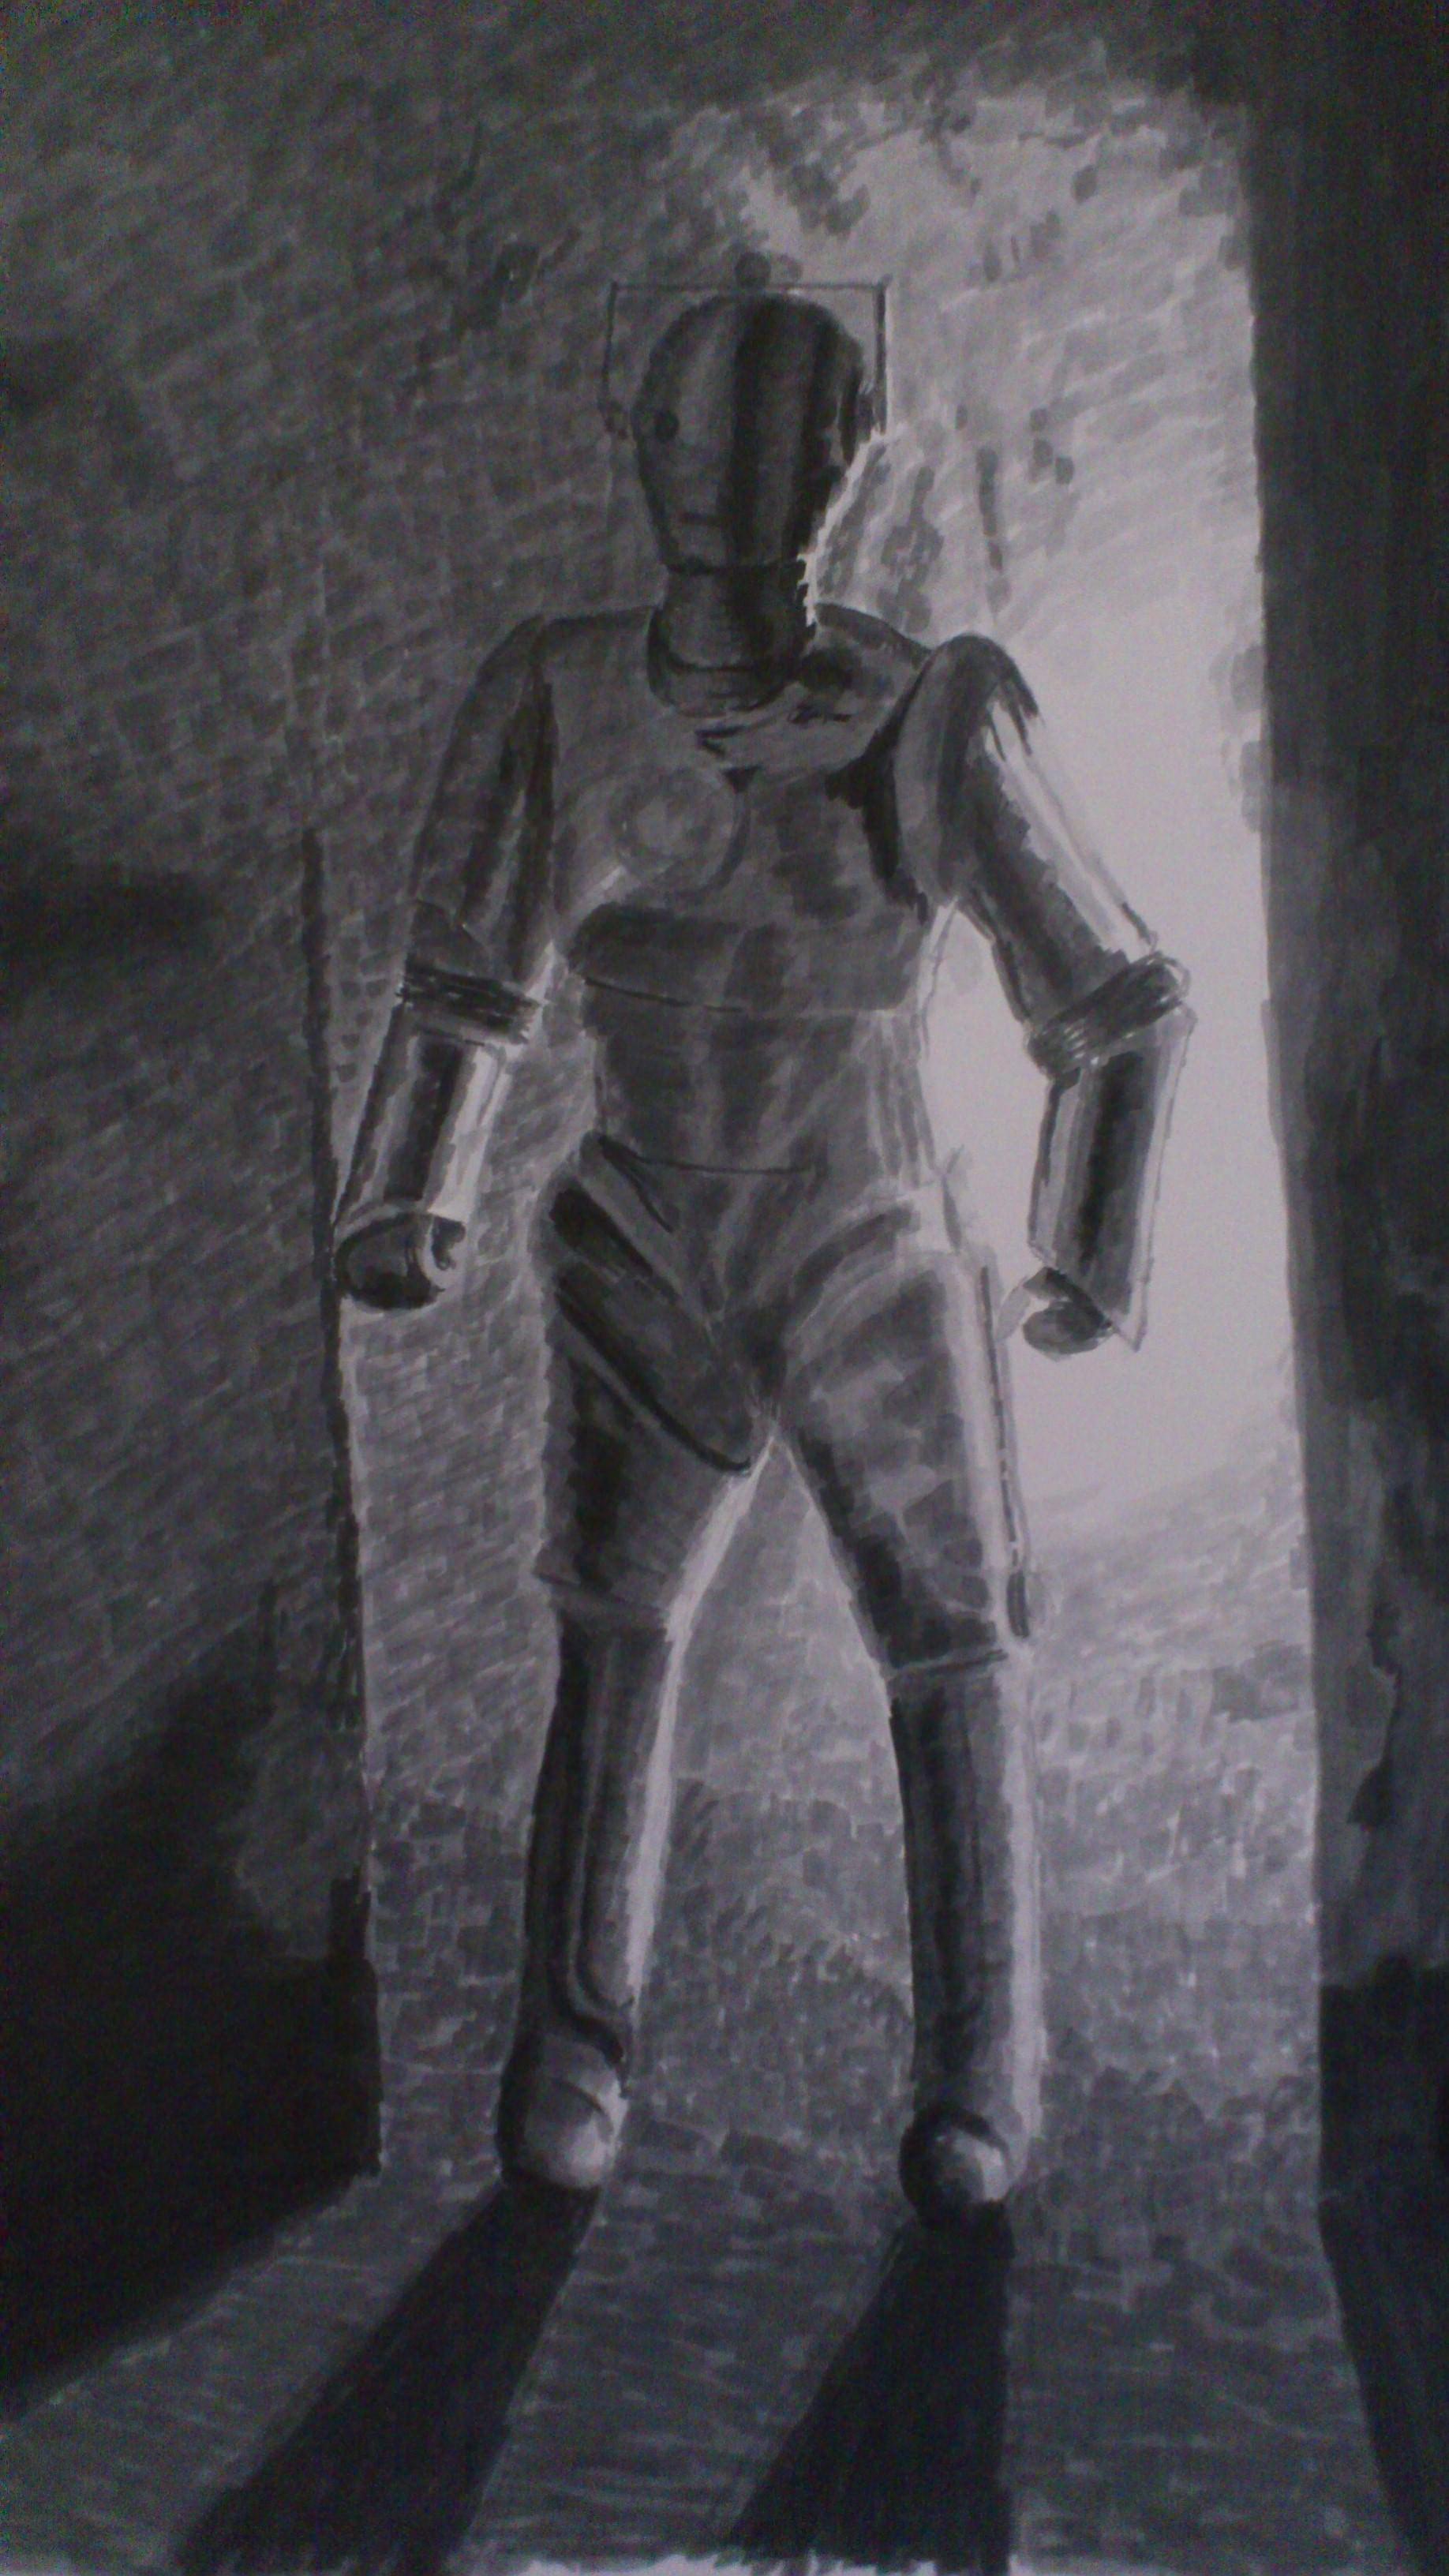 The Last Cyberman